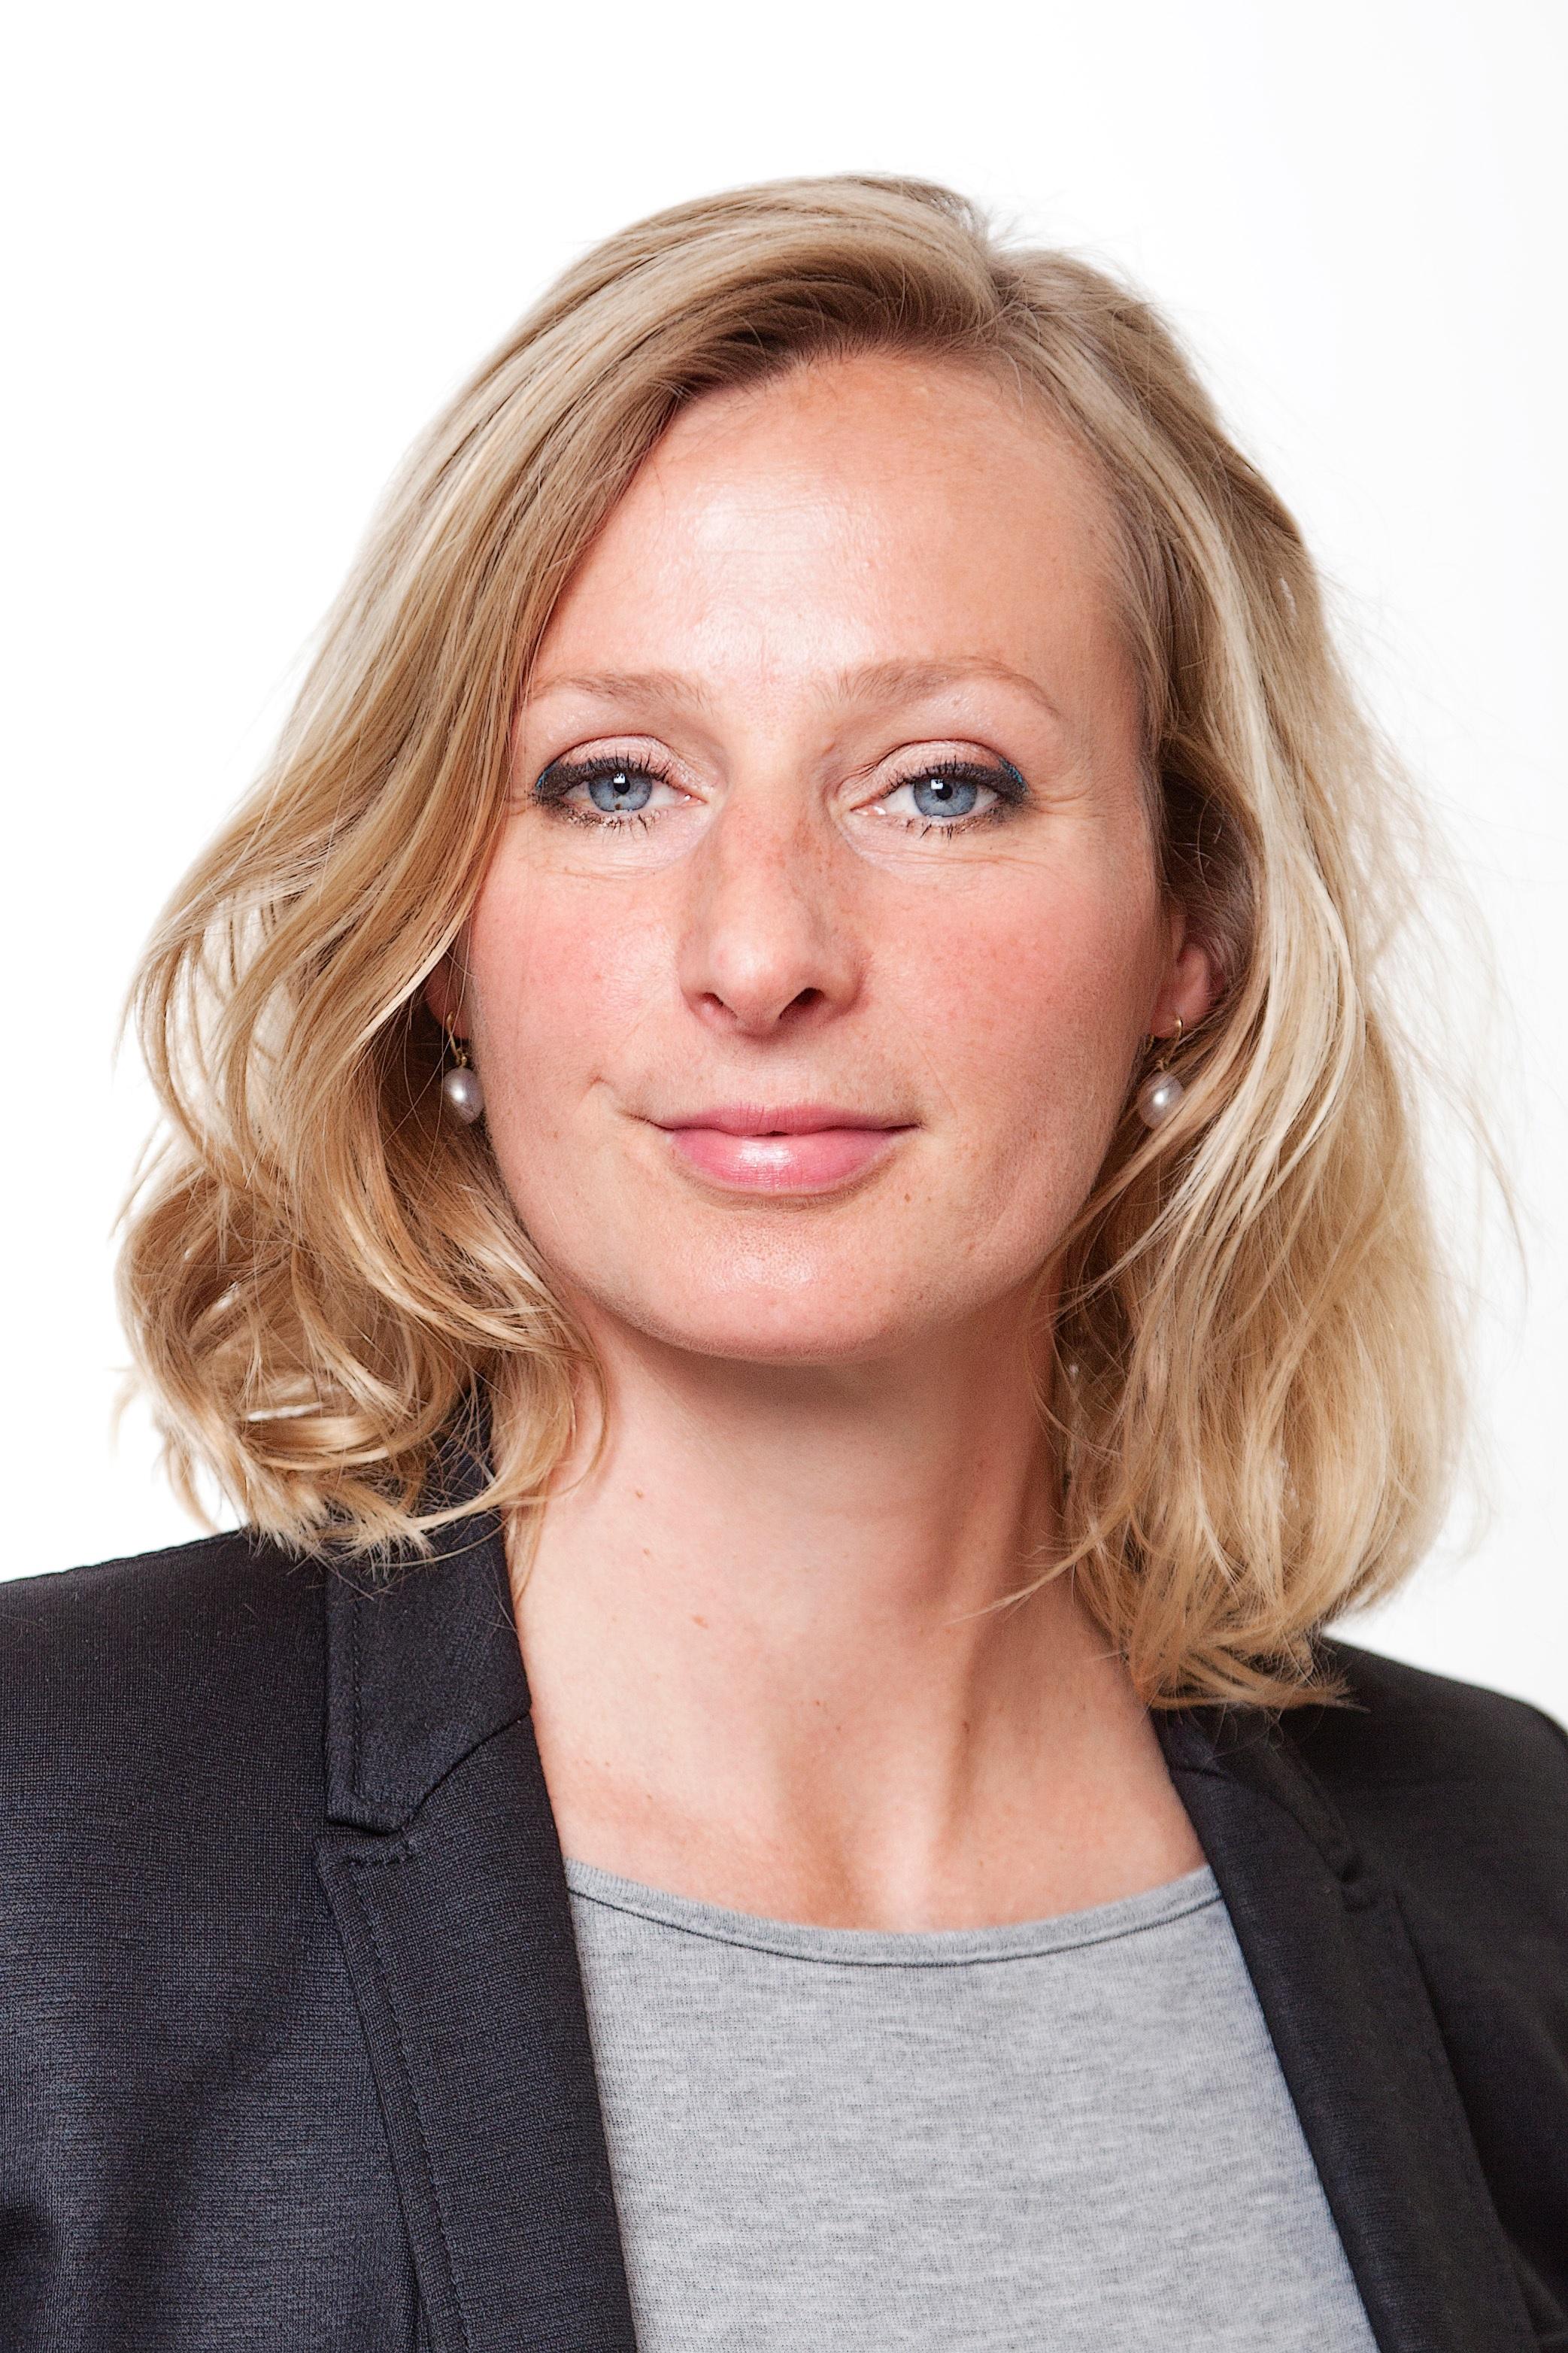 Brenda Kamphuis